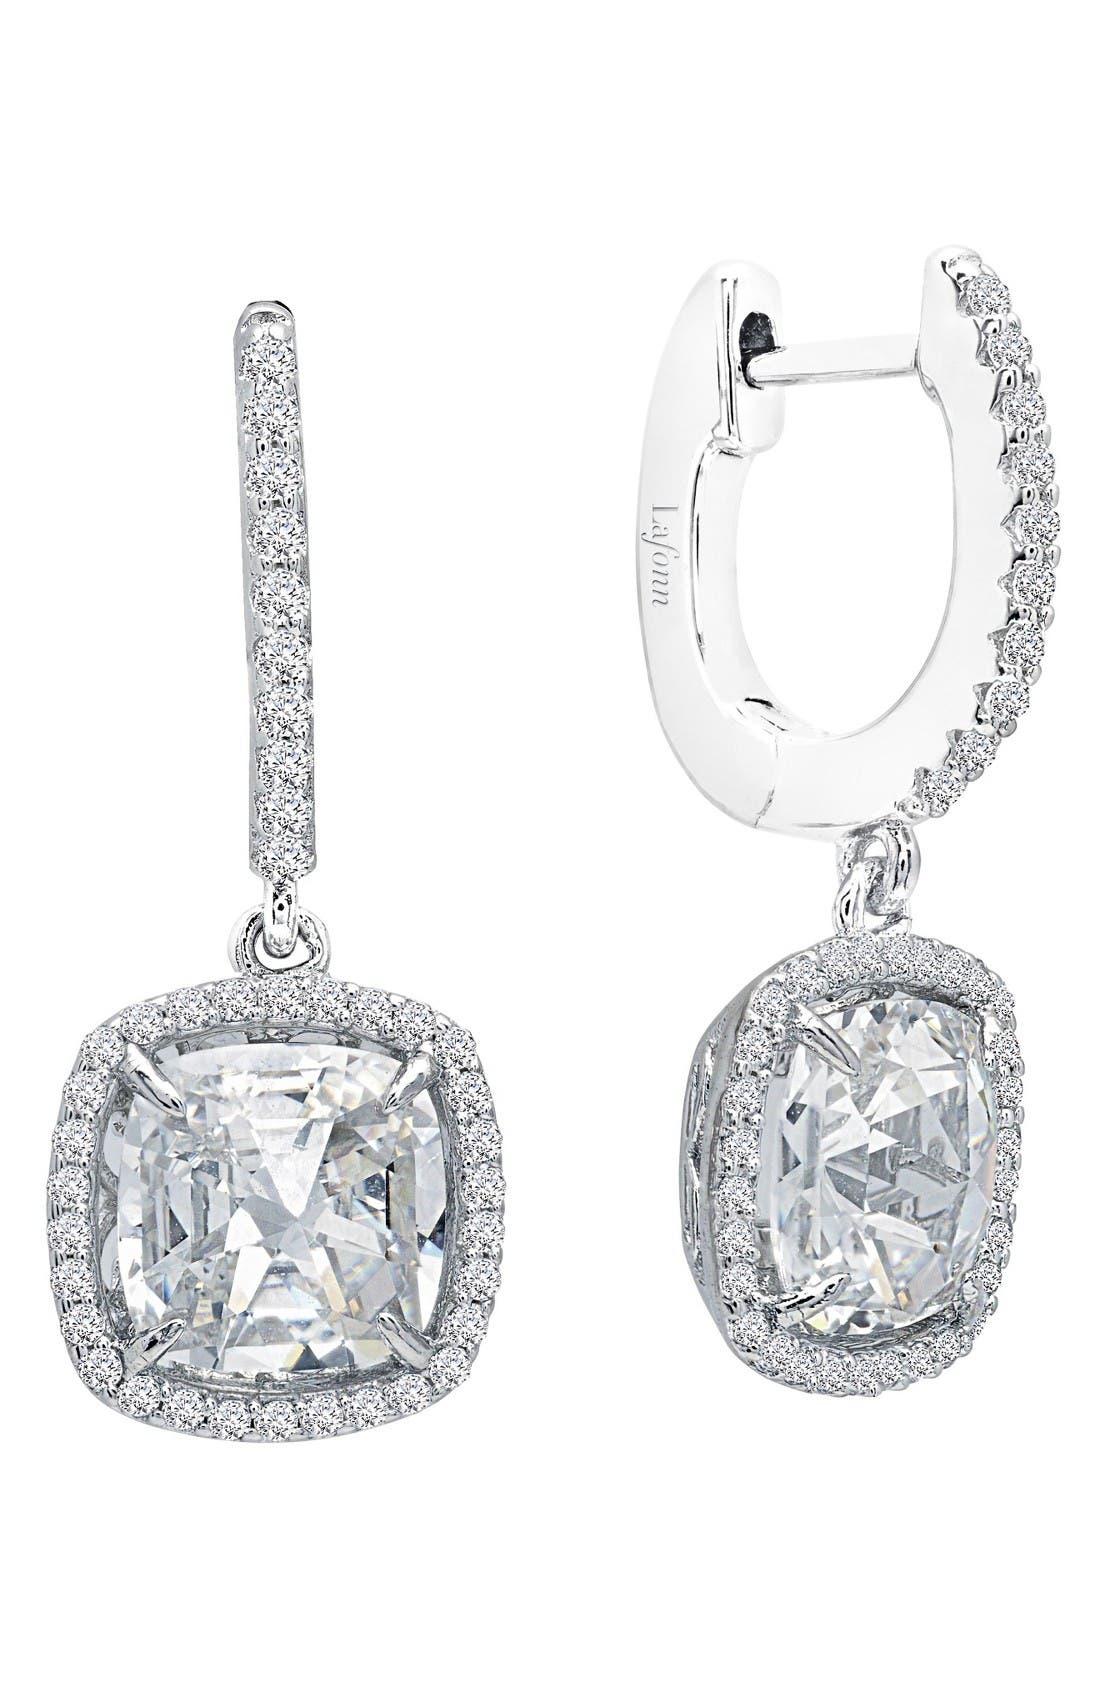 Rose Cut Simulated Diamond Drop Earrings,                         Main,                         color, Silver